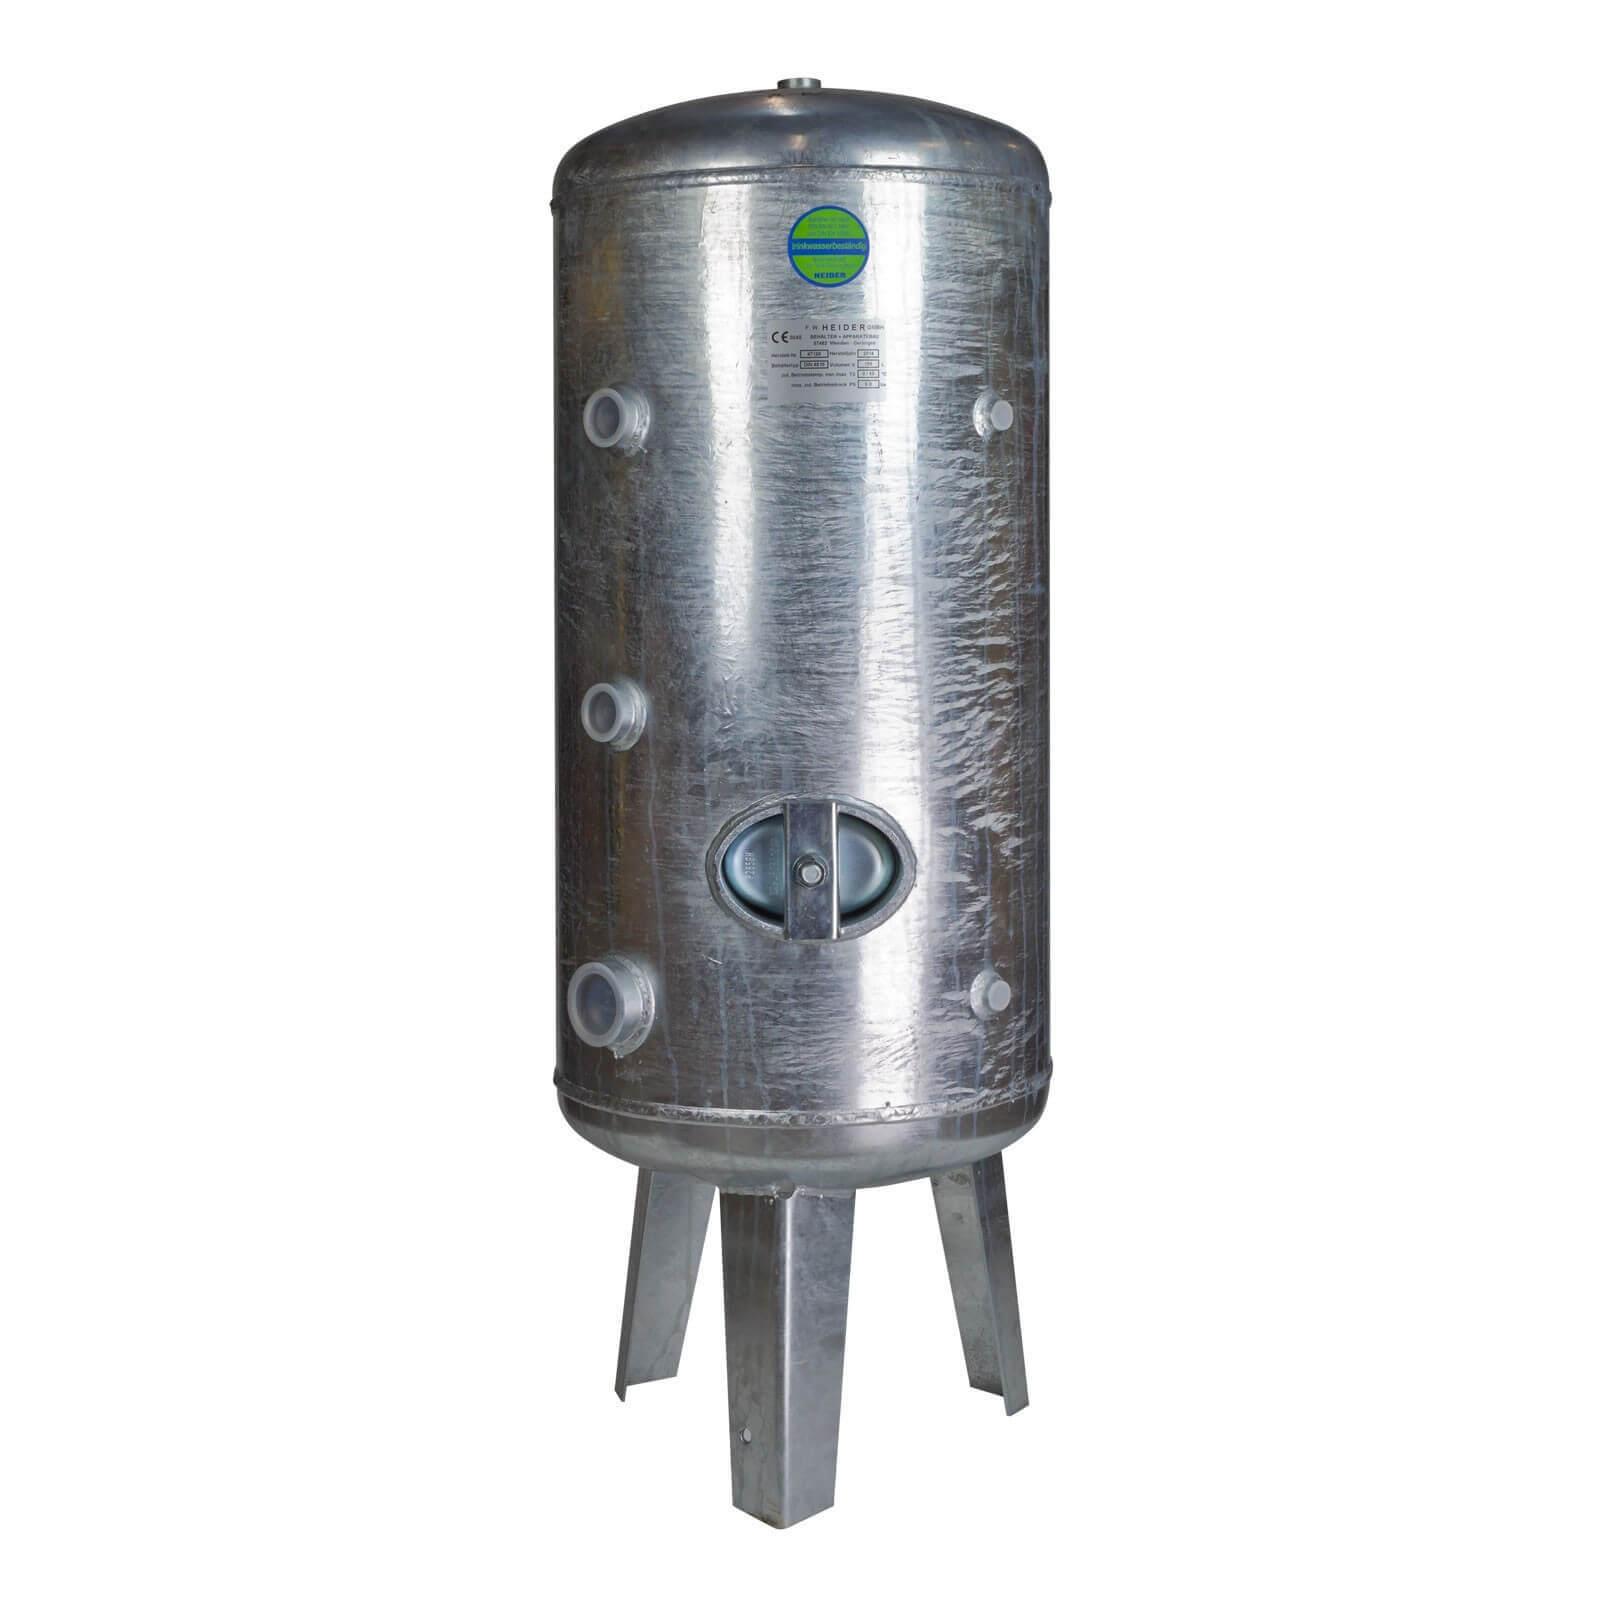 druckbehälter druckkessel 150l 6bar verzinkt für wasser